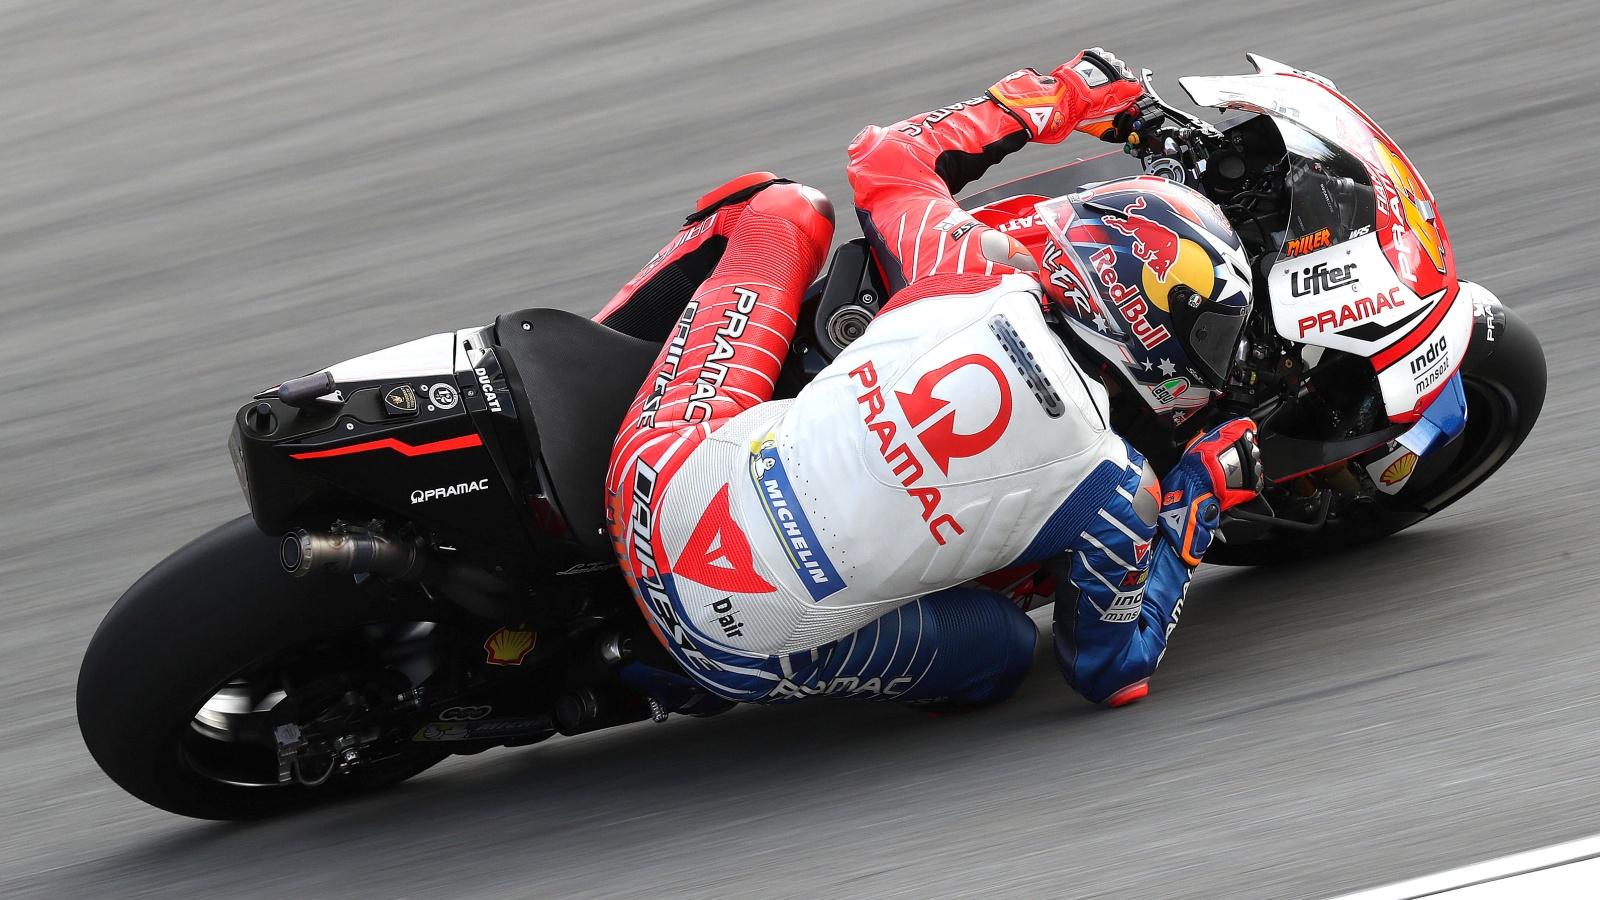 Jack Miller renueva con Ducati para MotoGP 2020 y llevará una GP20 en el Pramac